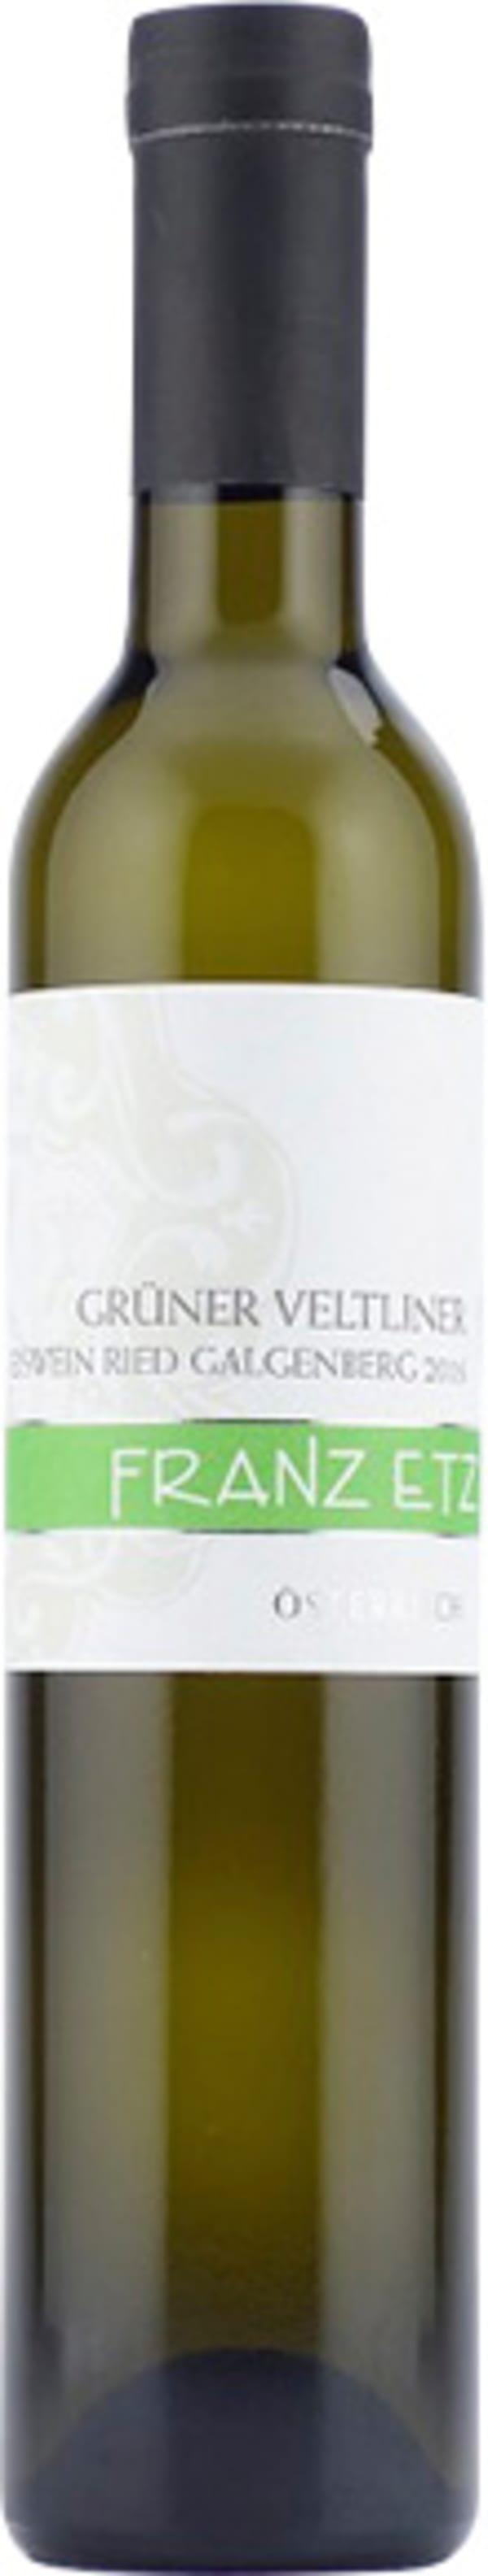 Etz Grüner Veltliner Eiswein Ried Galgenberg 2016